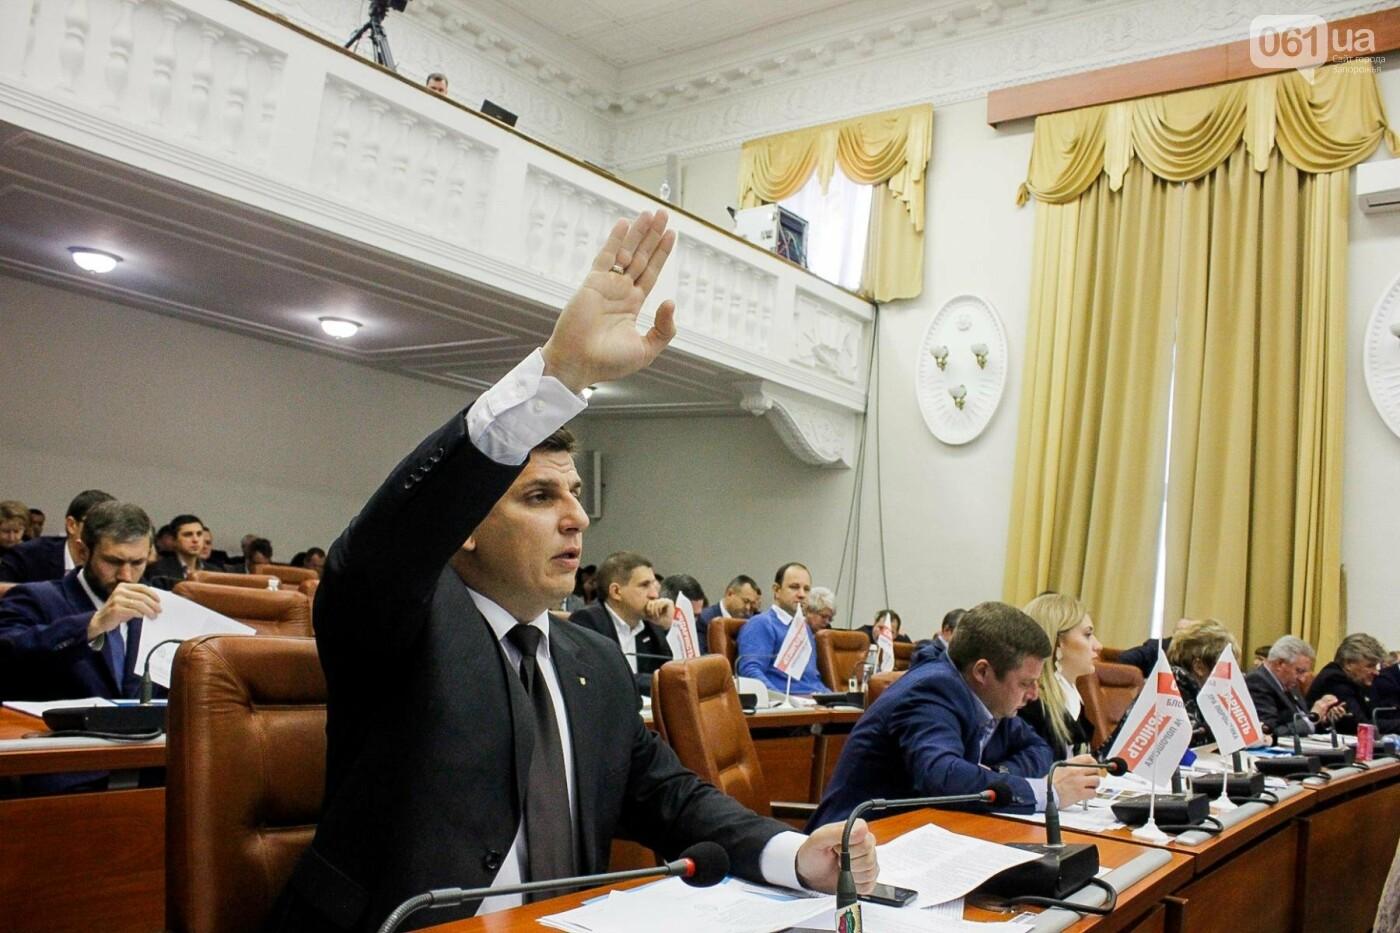 Сессия запорожского горсовета в 55 фотографиях, - ФОТОРЕПОРТАЖ, фото-14